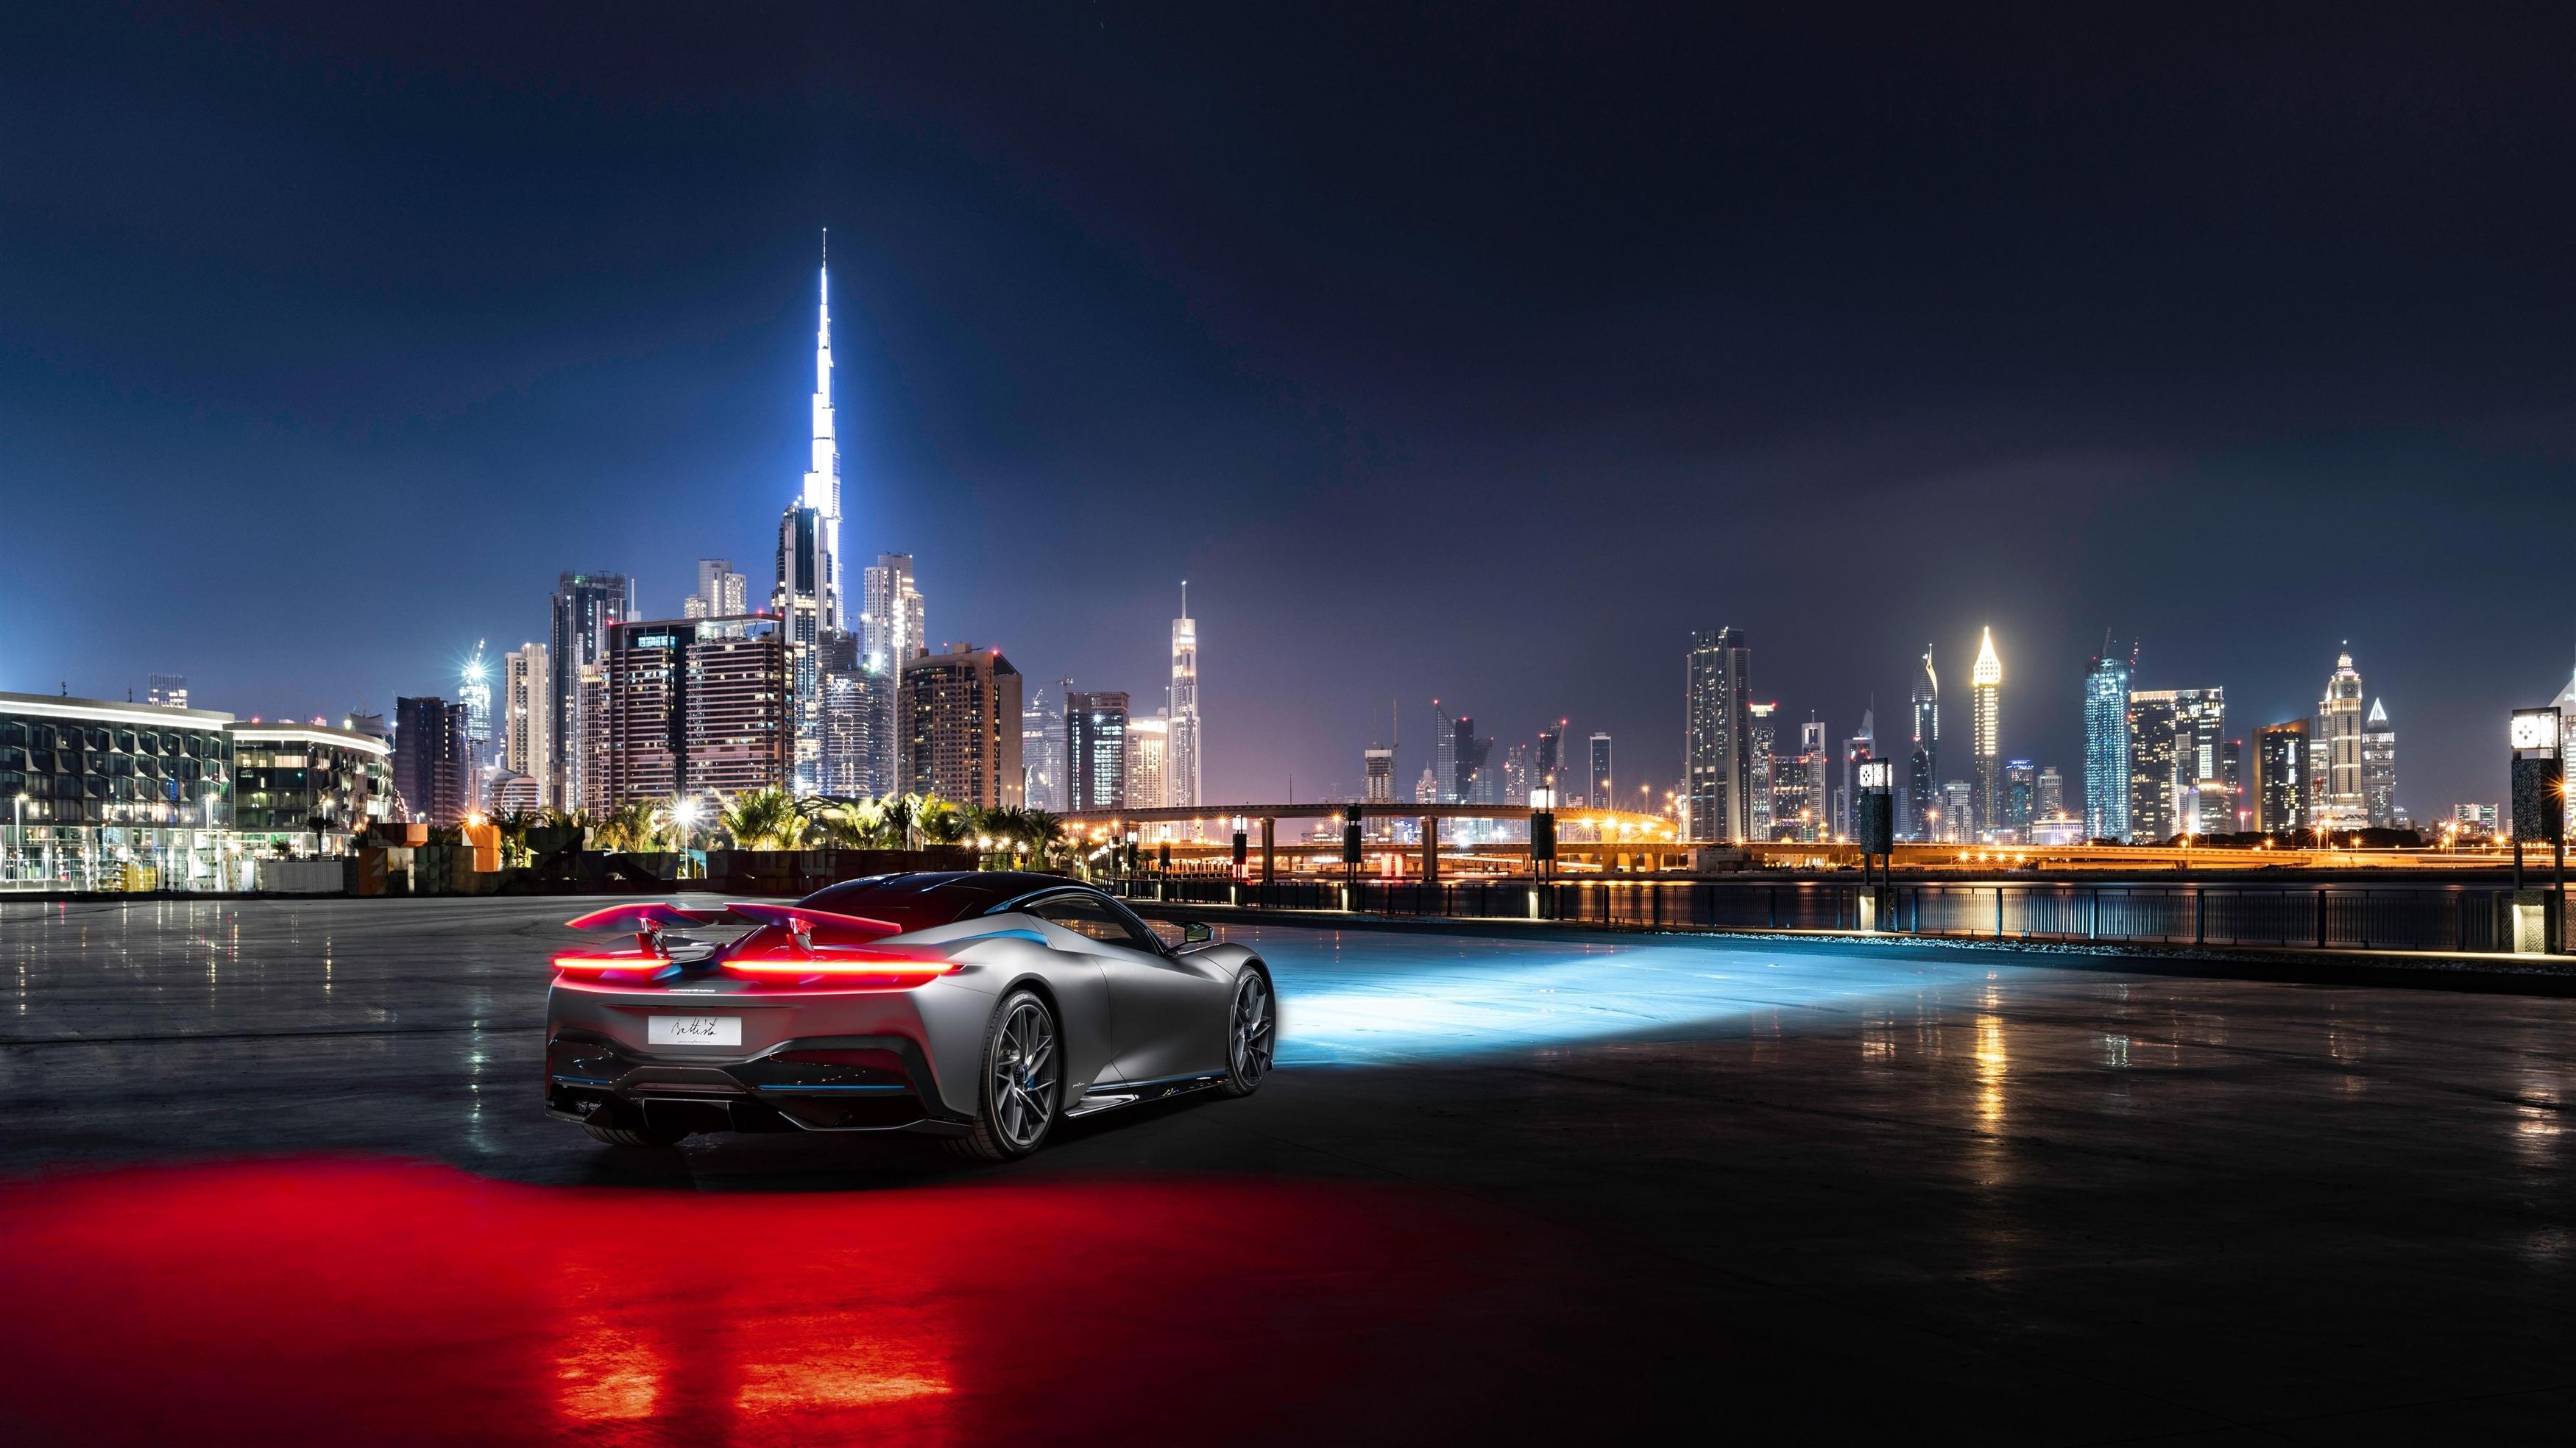 Pininfarina battista в Дубае 2019 обои скачать